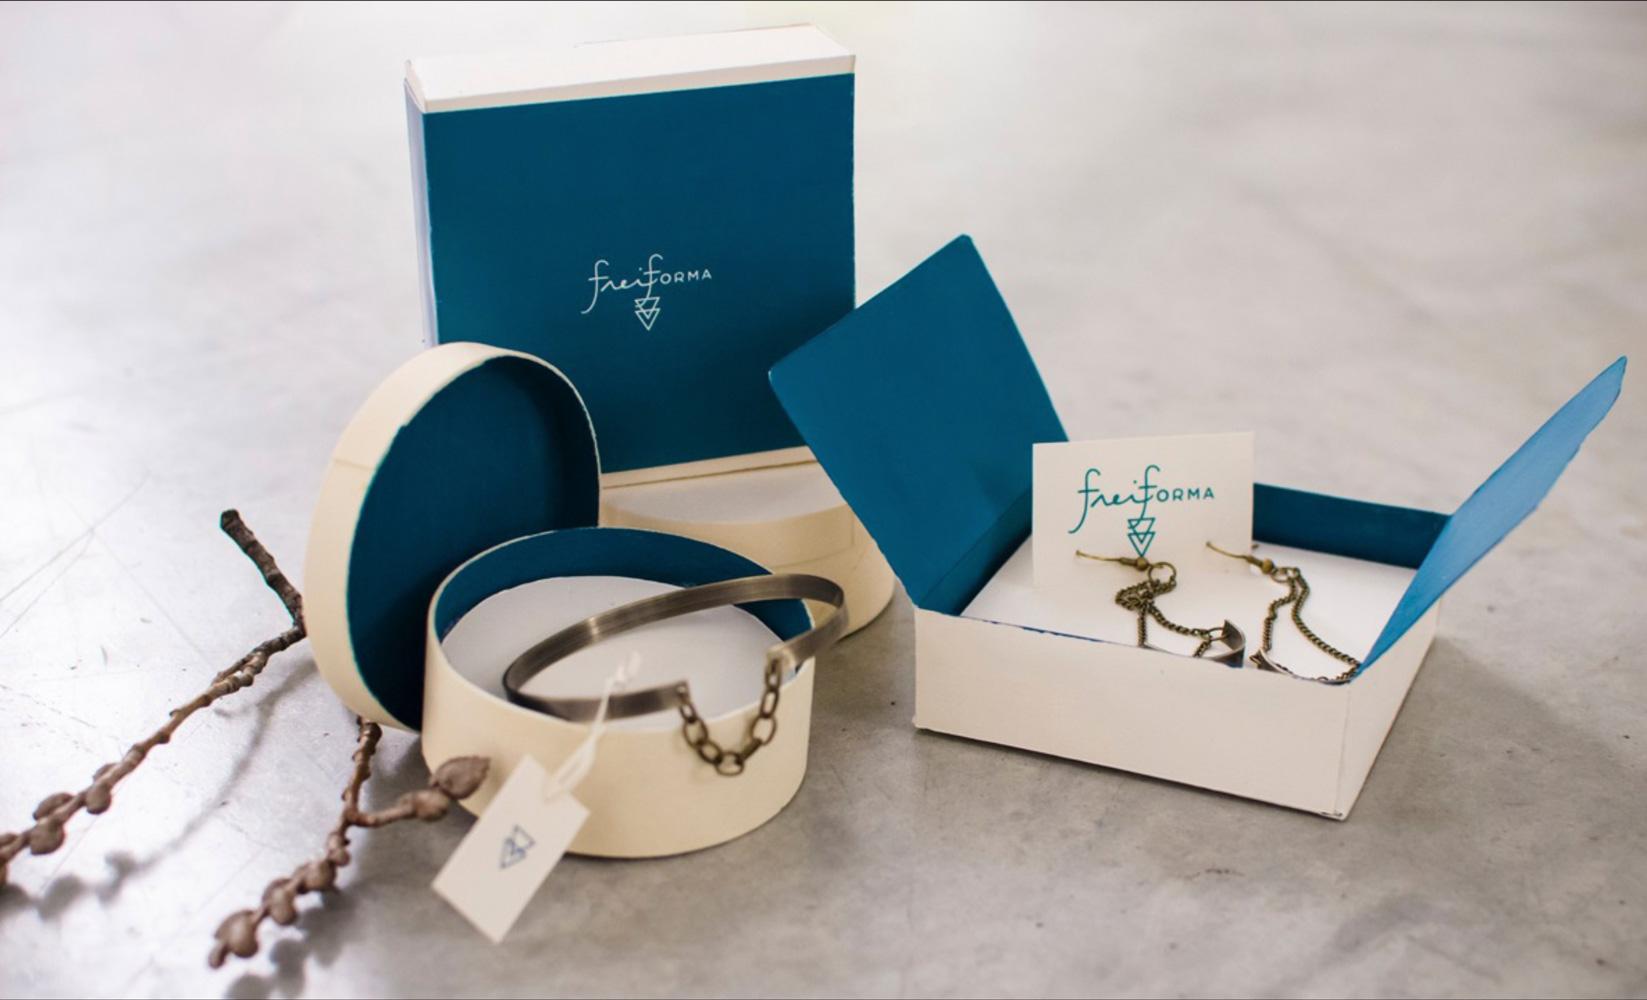 Frei Forma Jewelry